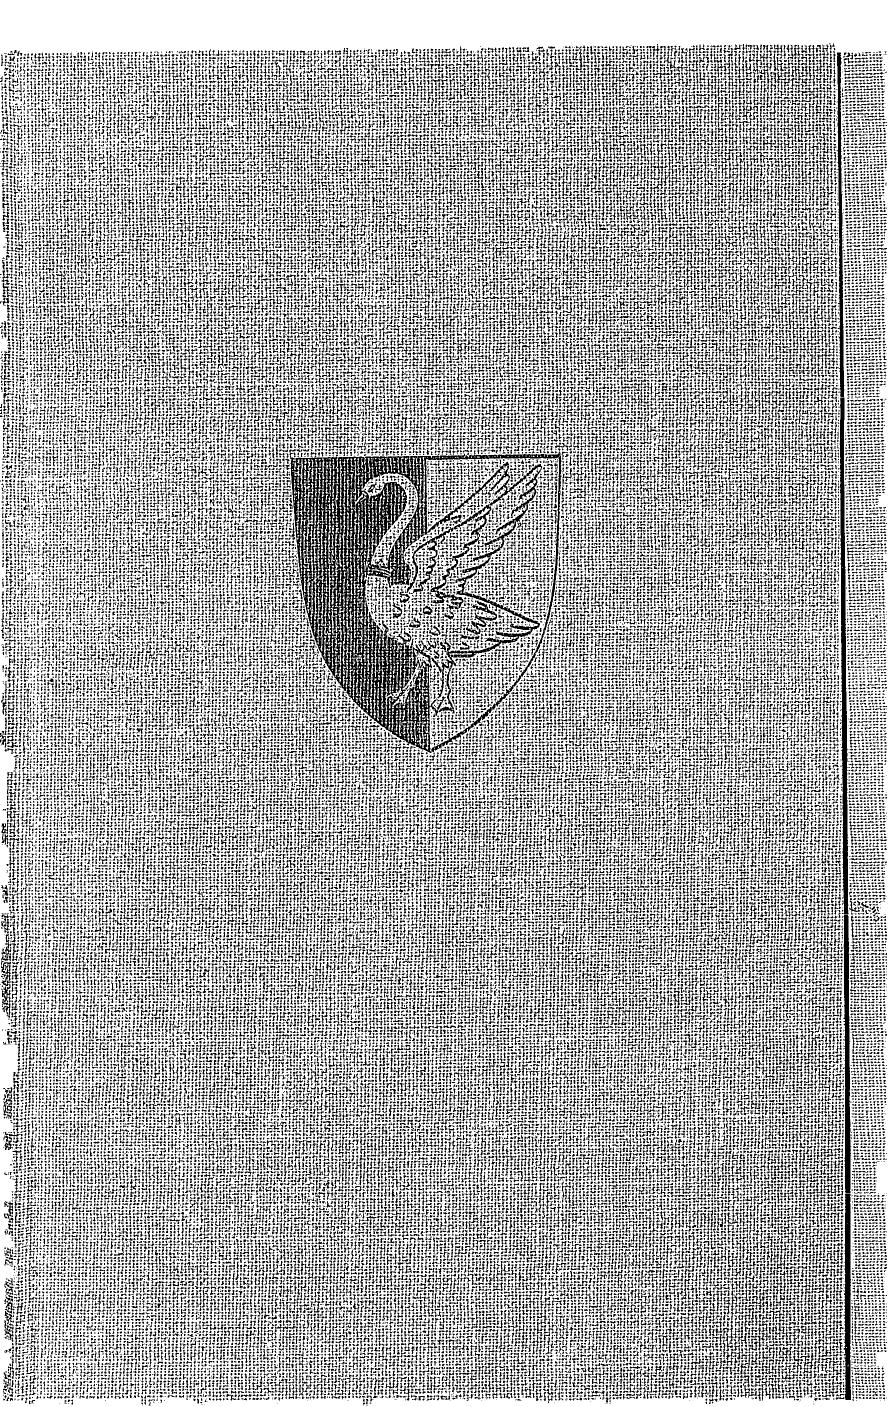 i ~i ~ii - Buckinghamshire Record Society   manualzz com